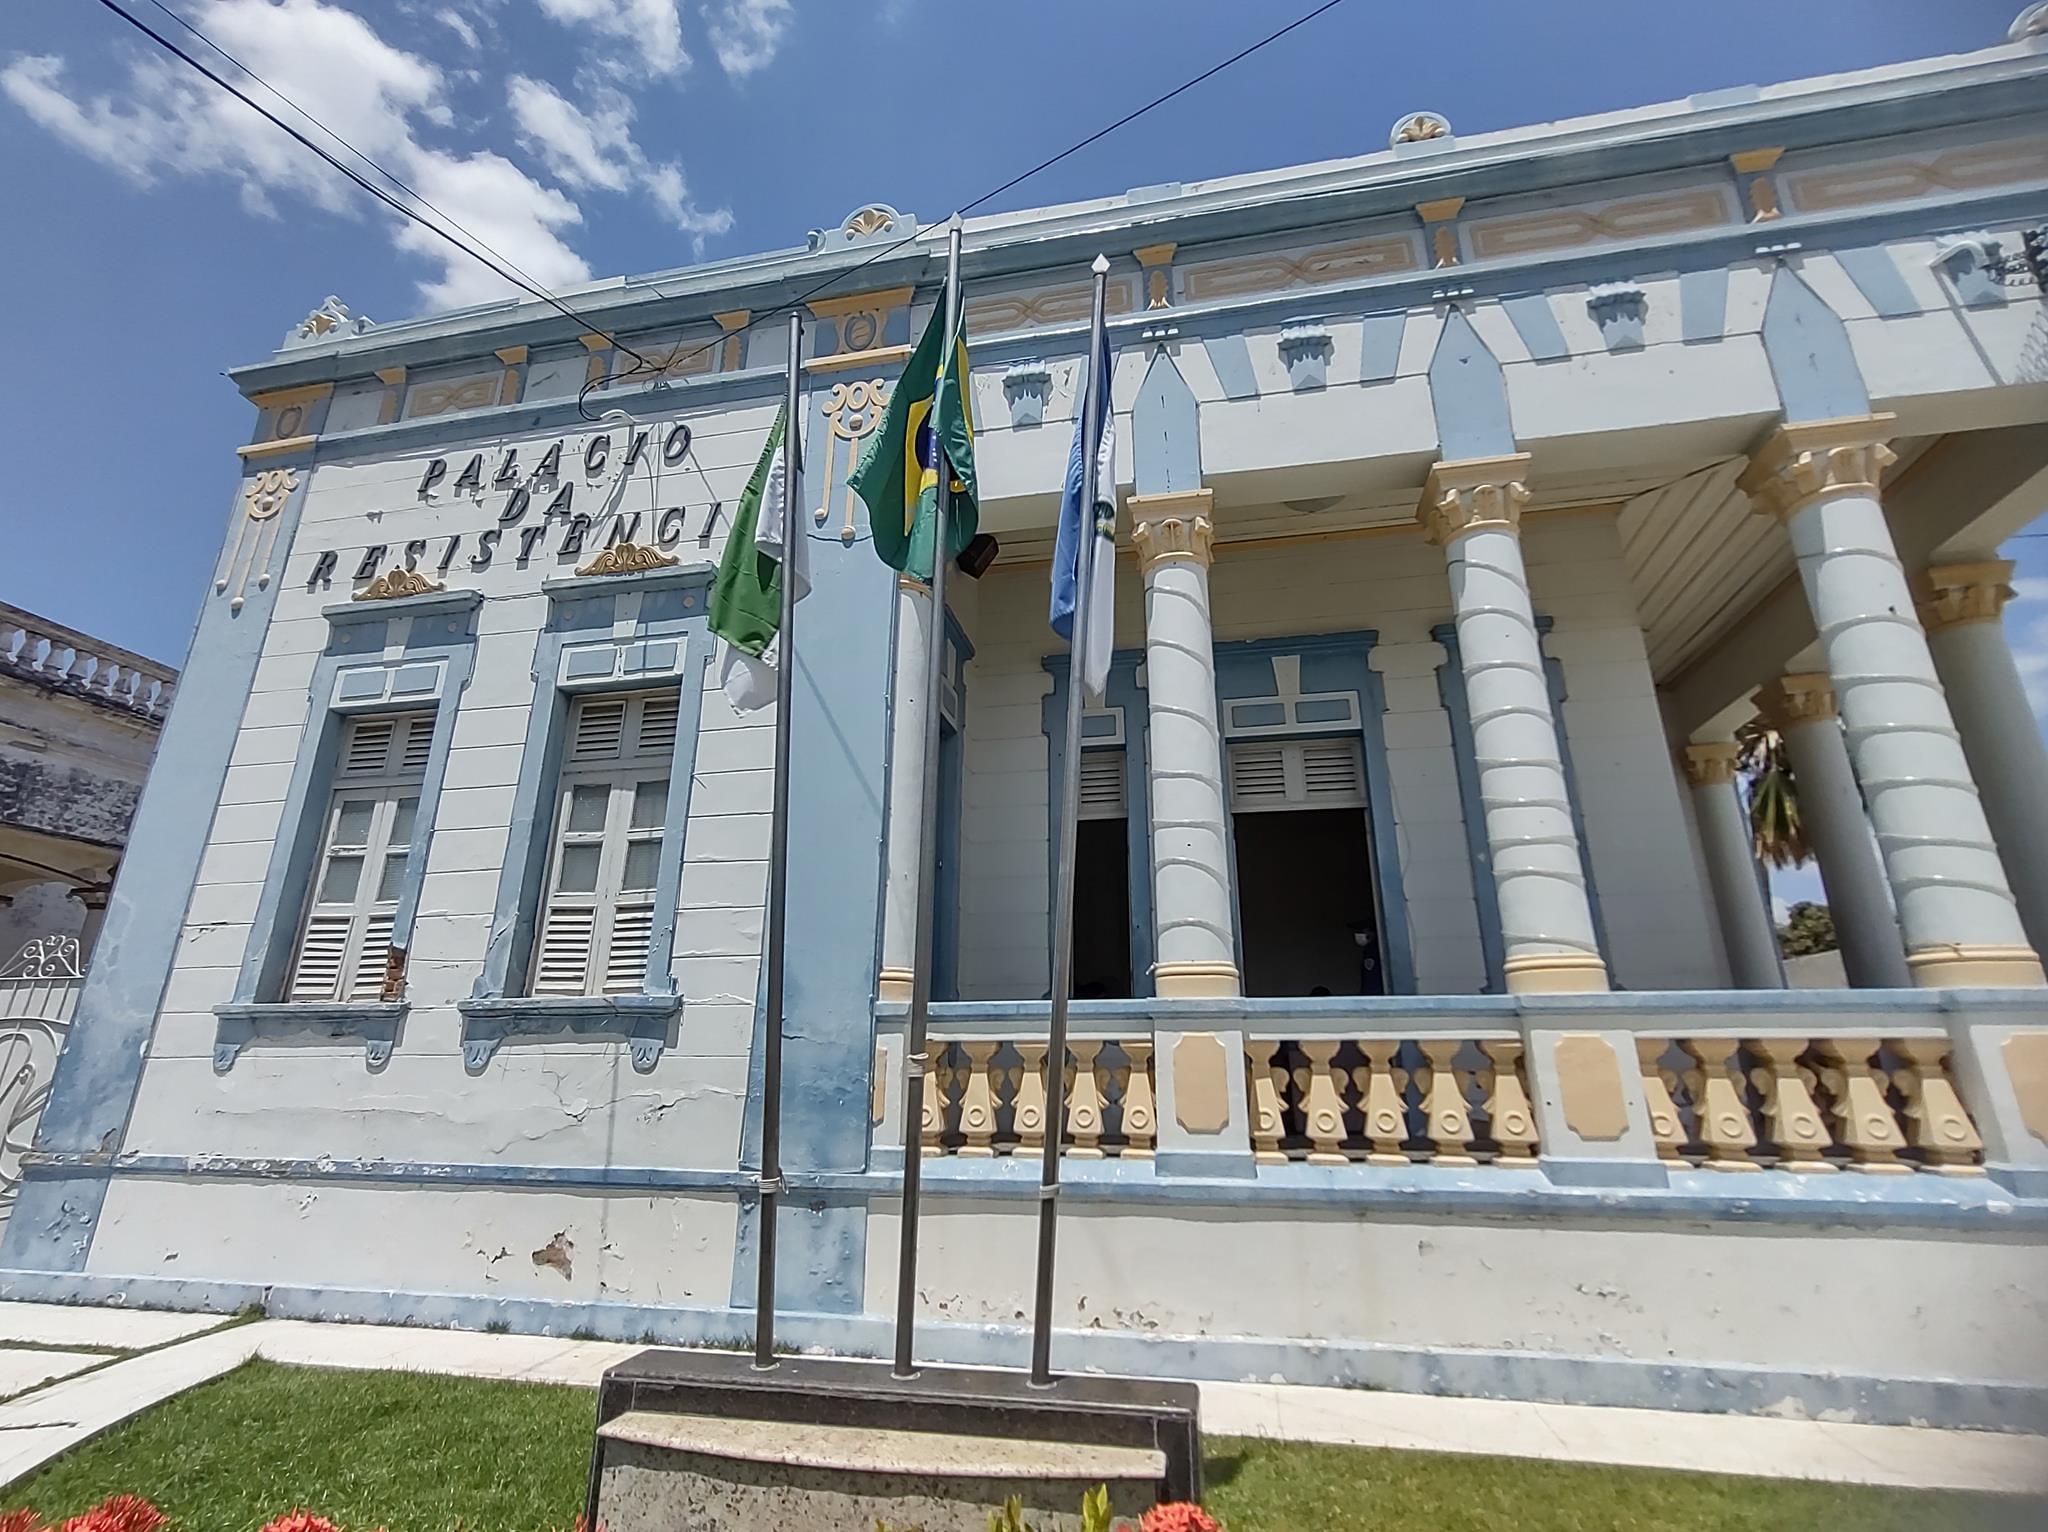 Reforma Administrativa entra em vigor e estabelece organização da estrutura do município